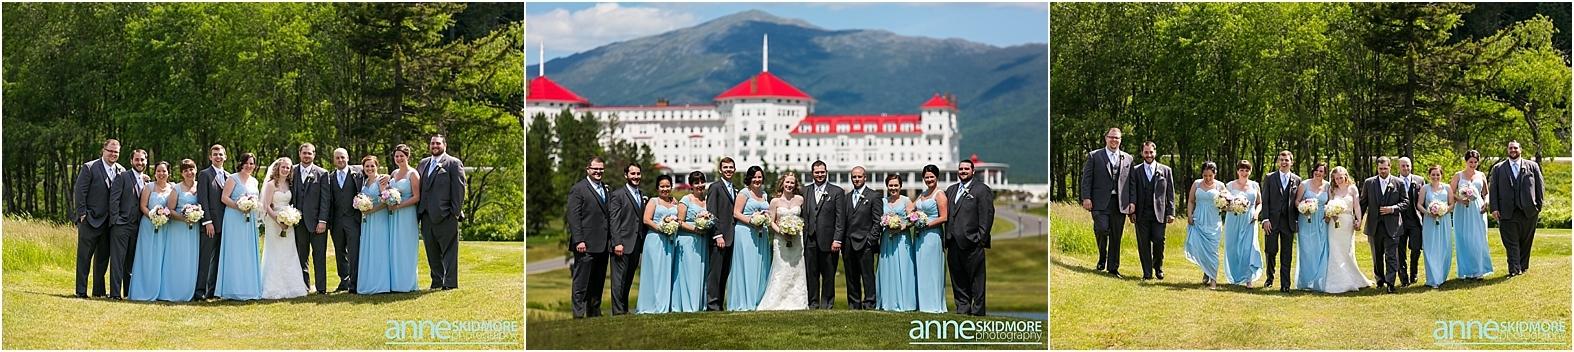 Mount_Washington_Hotel_Wedding_0026